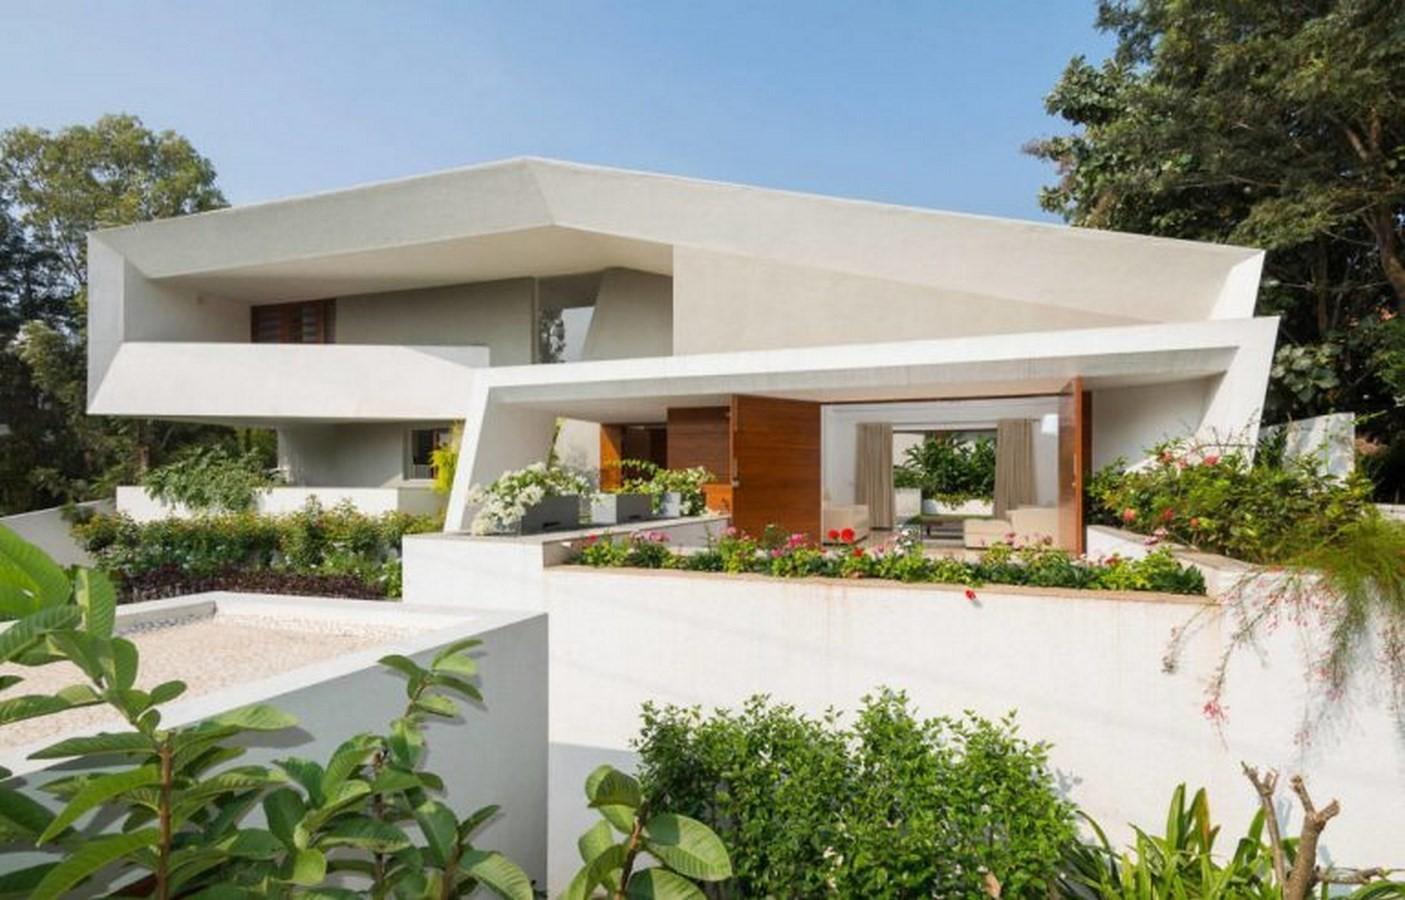 Courtyard House - Sheet1